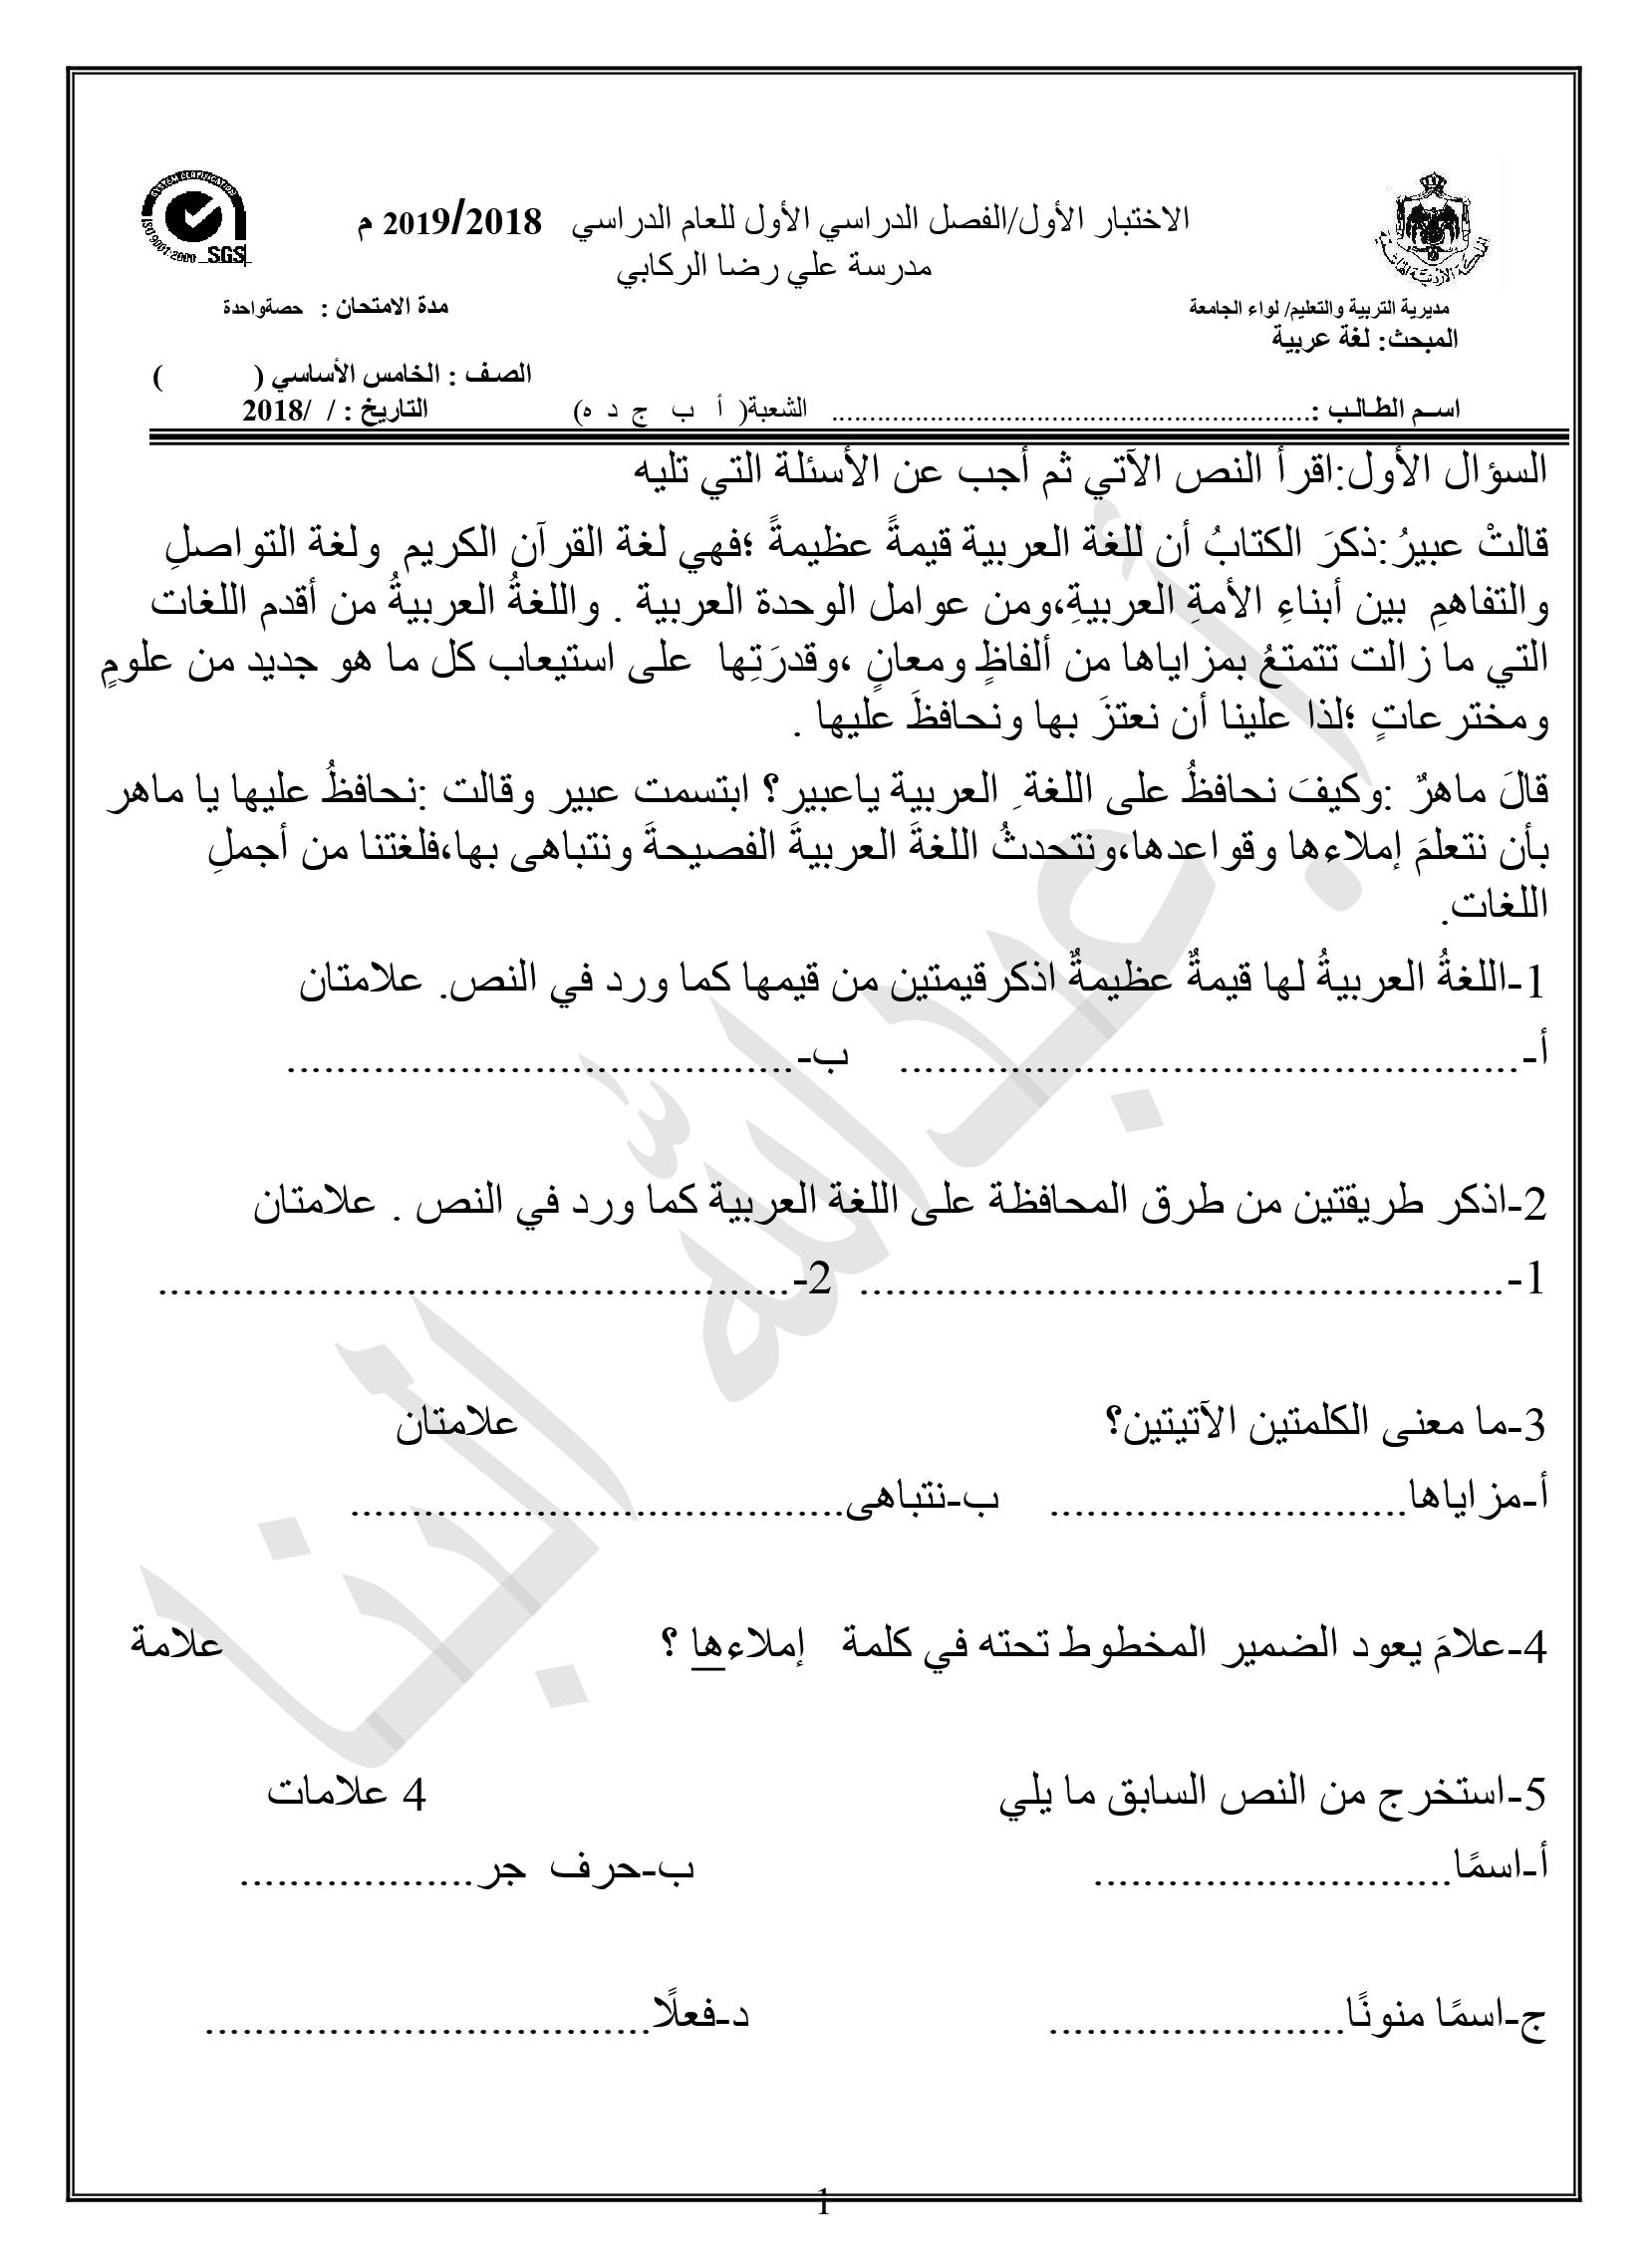 امتحان الشهر الاول مادة اللغة العربية للصف الخامس الفصل الاول 2018